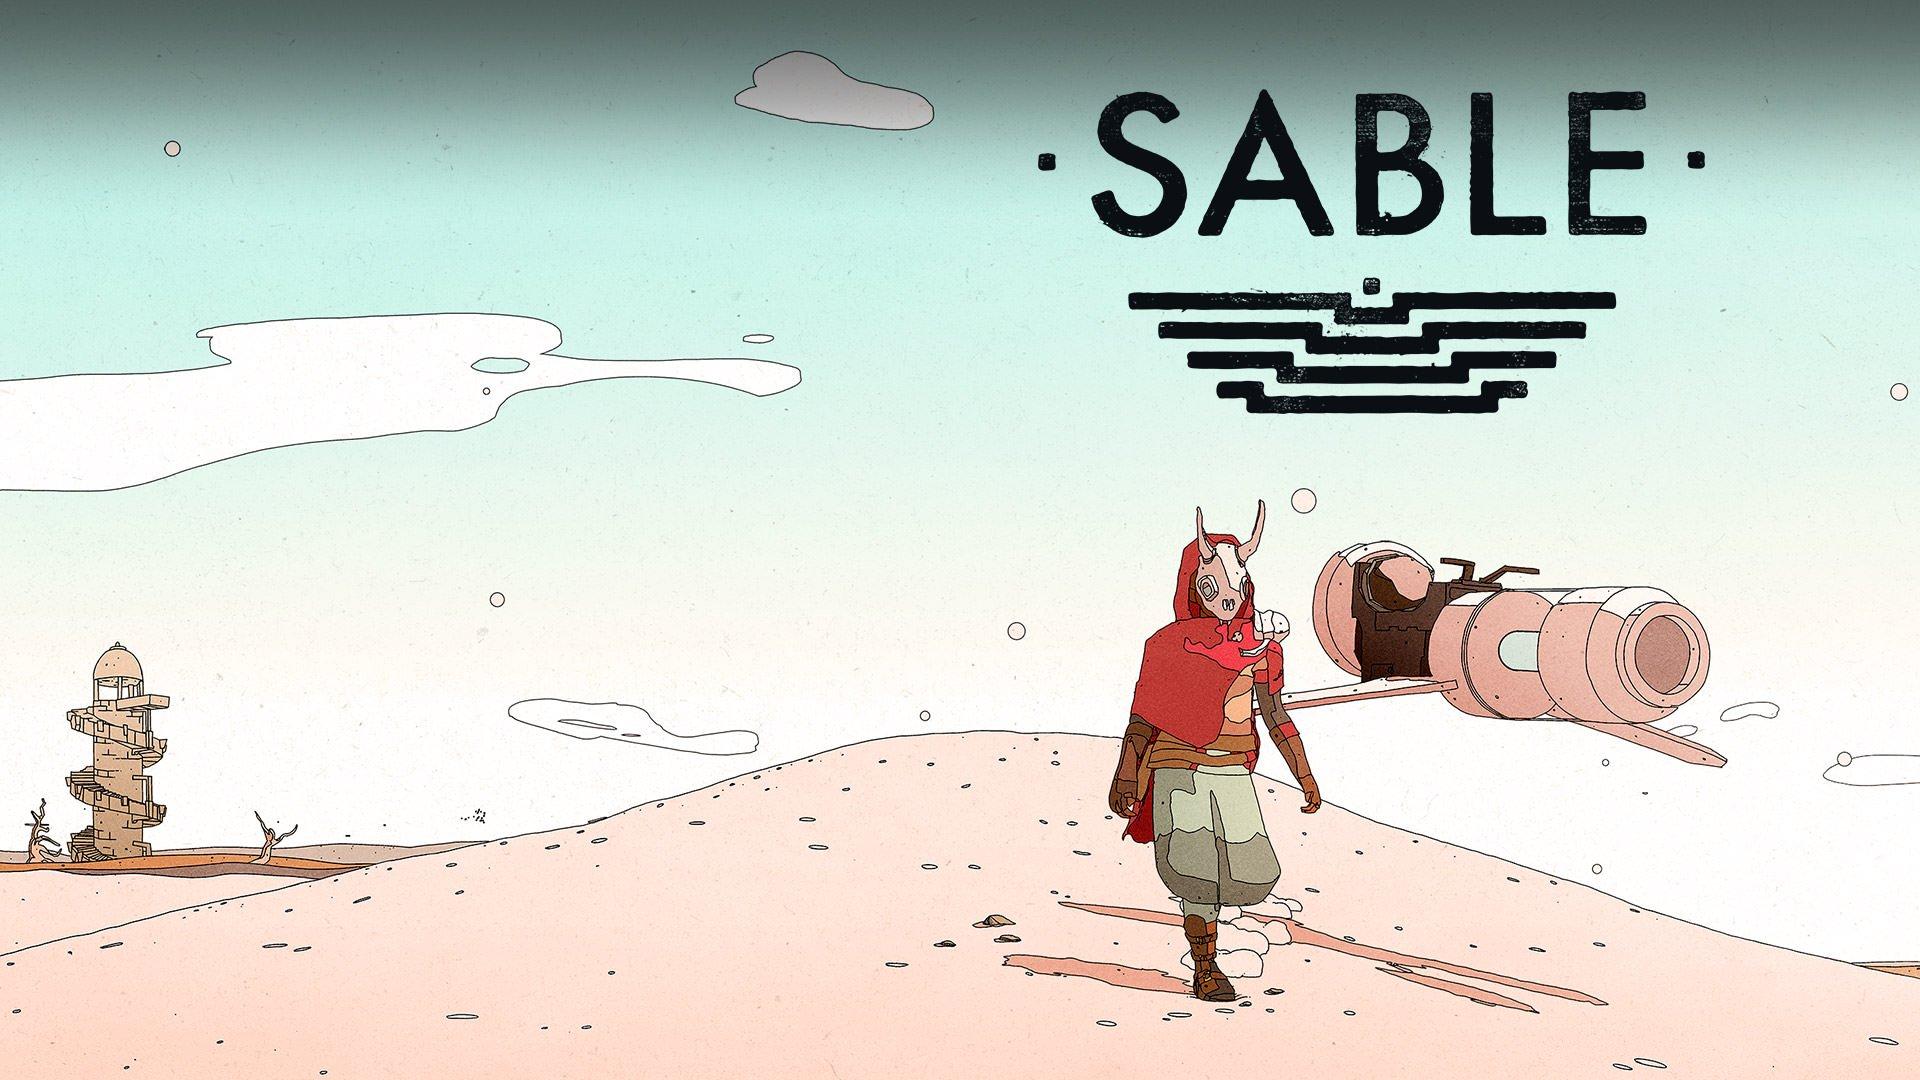 نمایش گرافیک خاص و جذاب Sable در تریلر هنگام عرضه این بازی